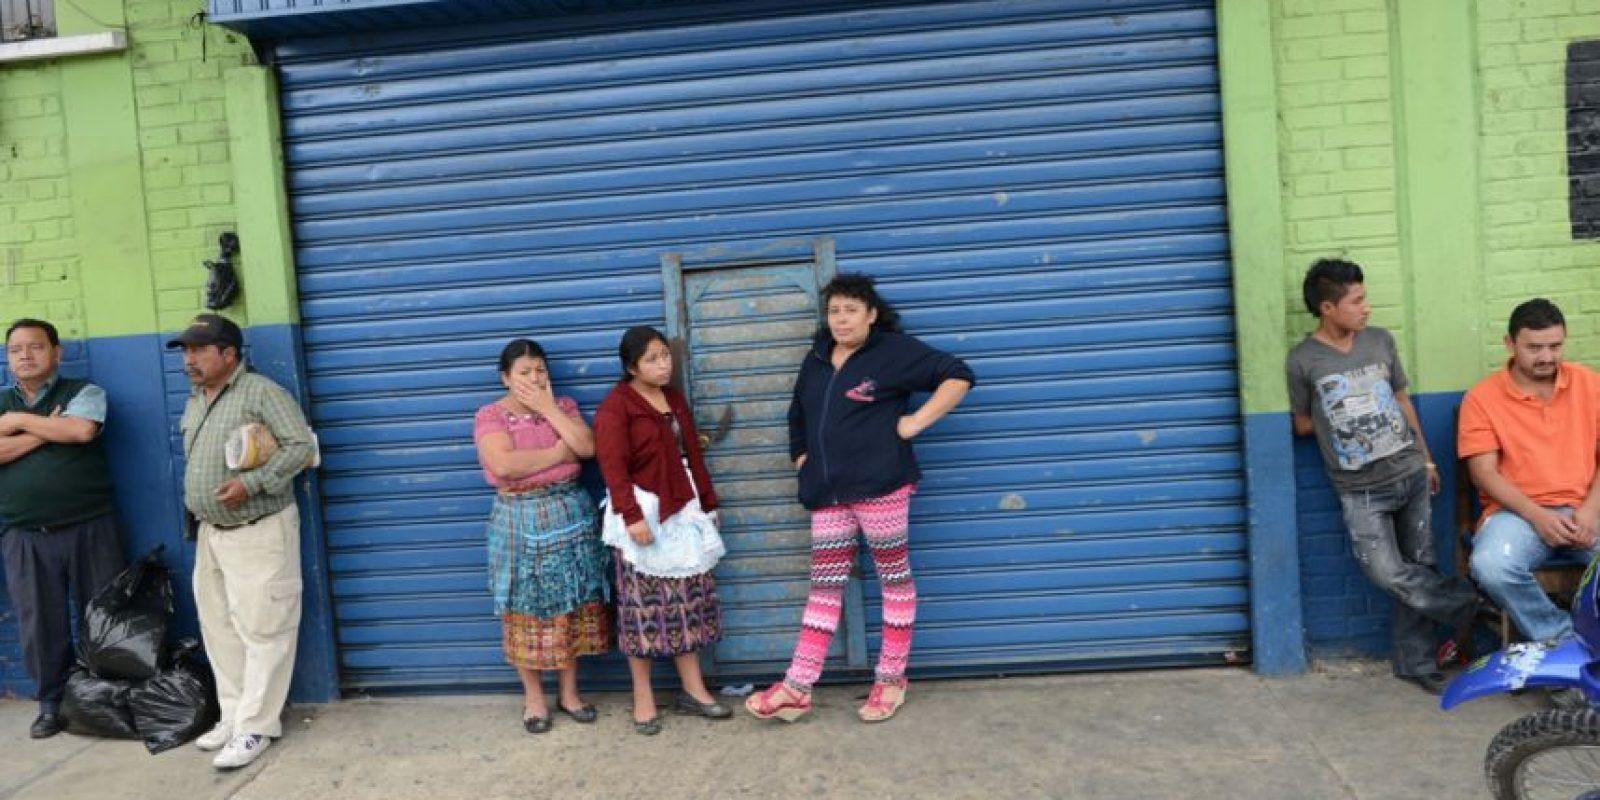 Los comerciantes cierran las puertas del mercado. Foto:Oliver de Ros